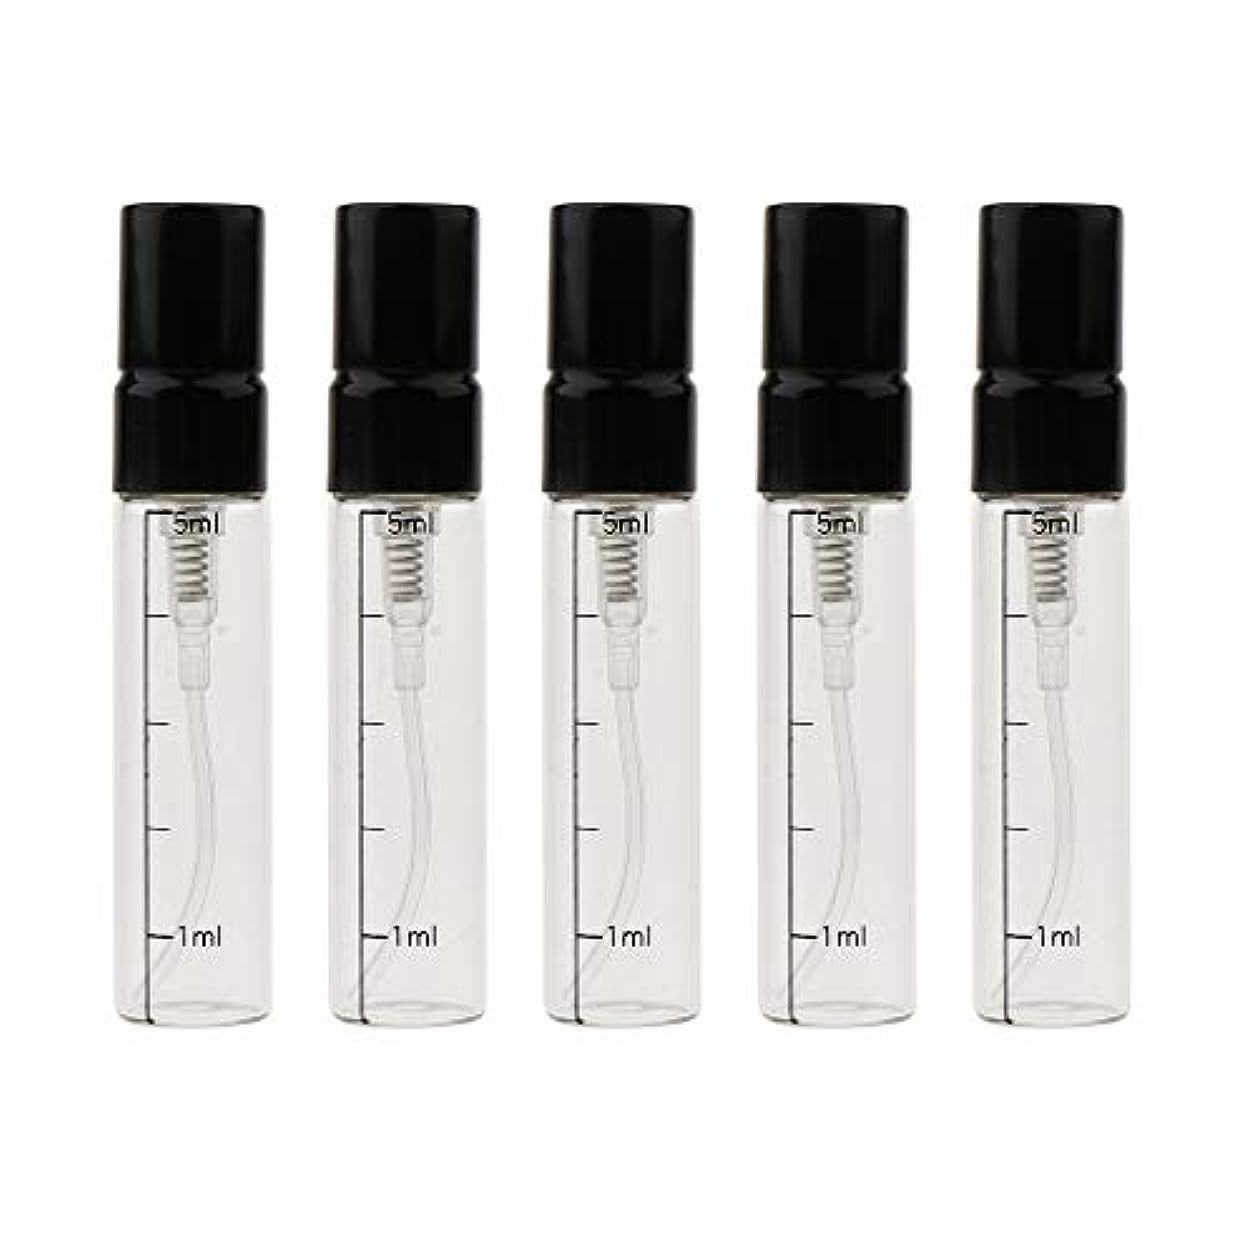 できる出発八百屋香水瓶 スプレー ガラス エッセンシャルオイル ボトル 香水 精油 詰替え容器 3色選べ - ゴールド